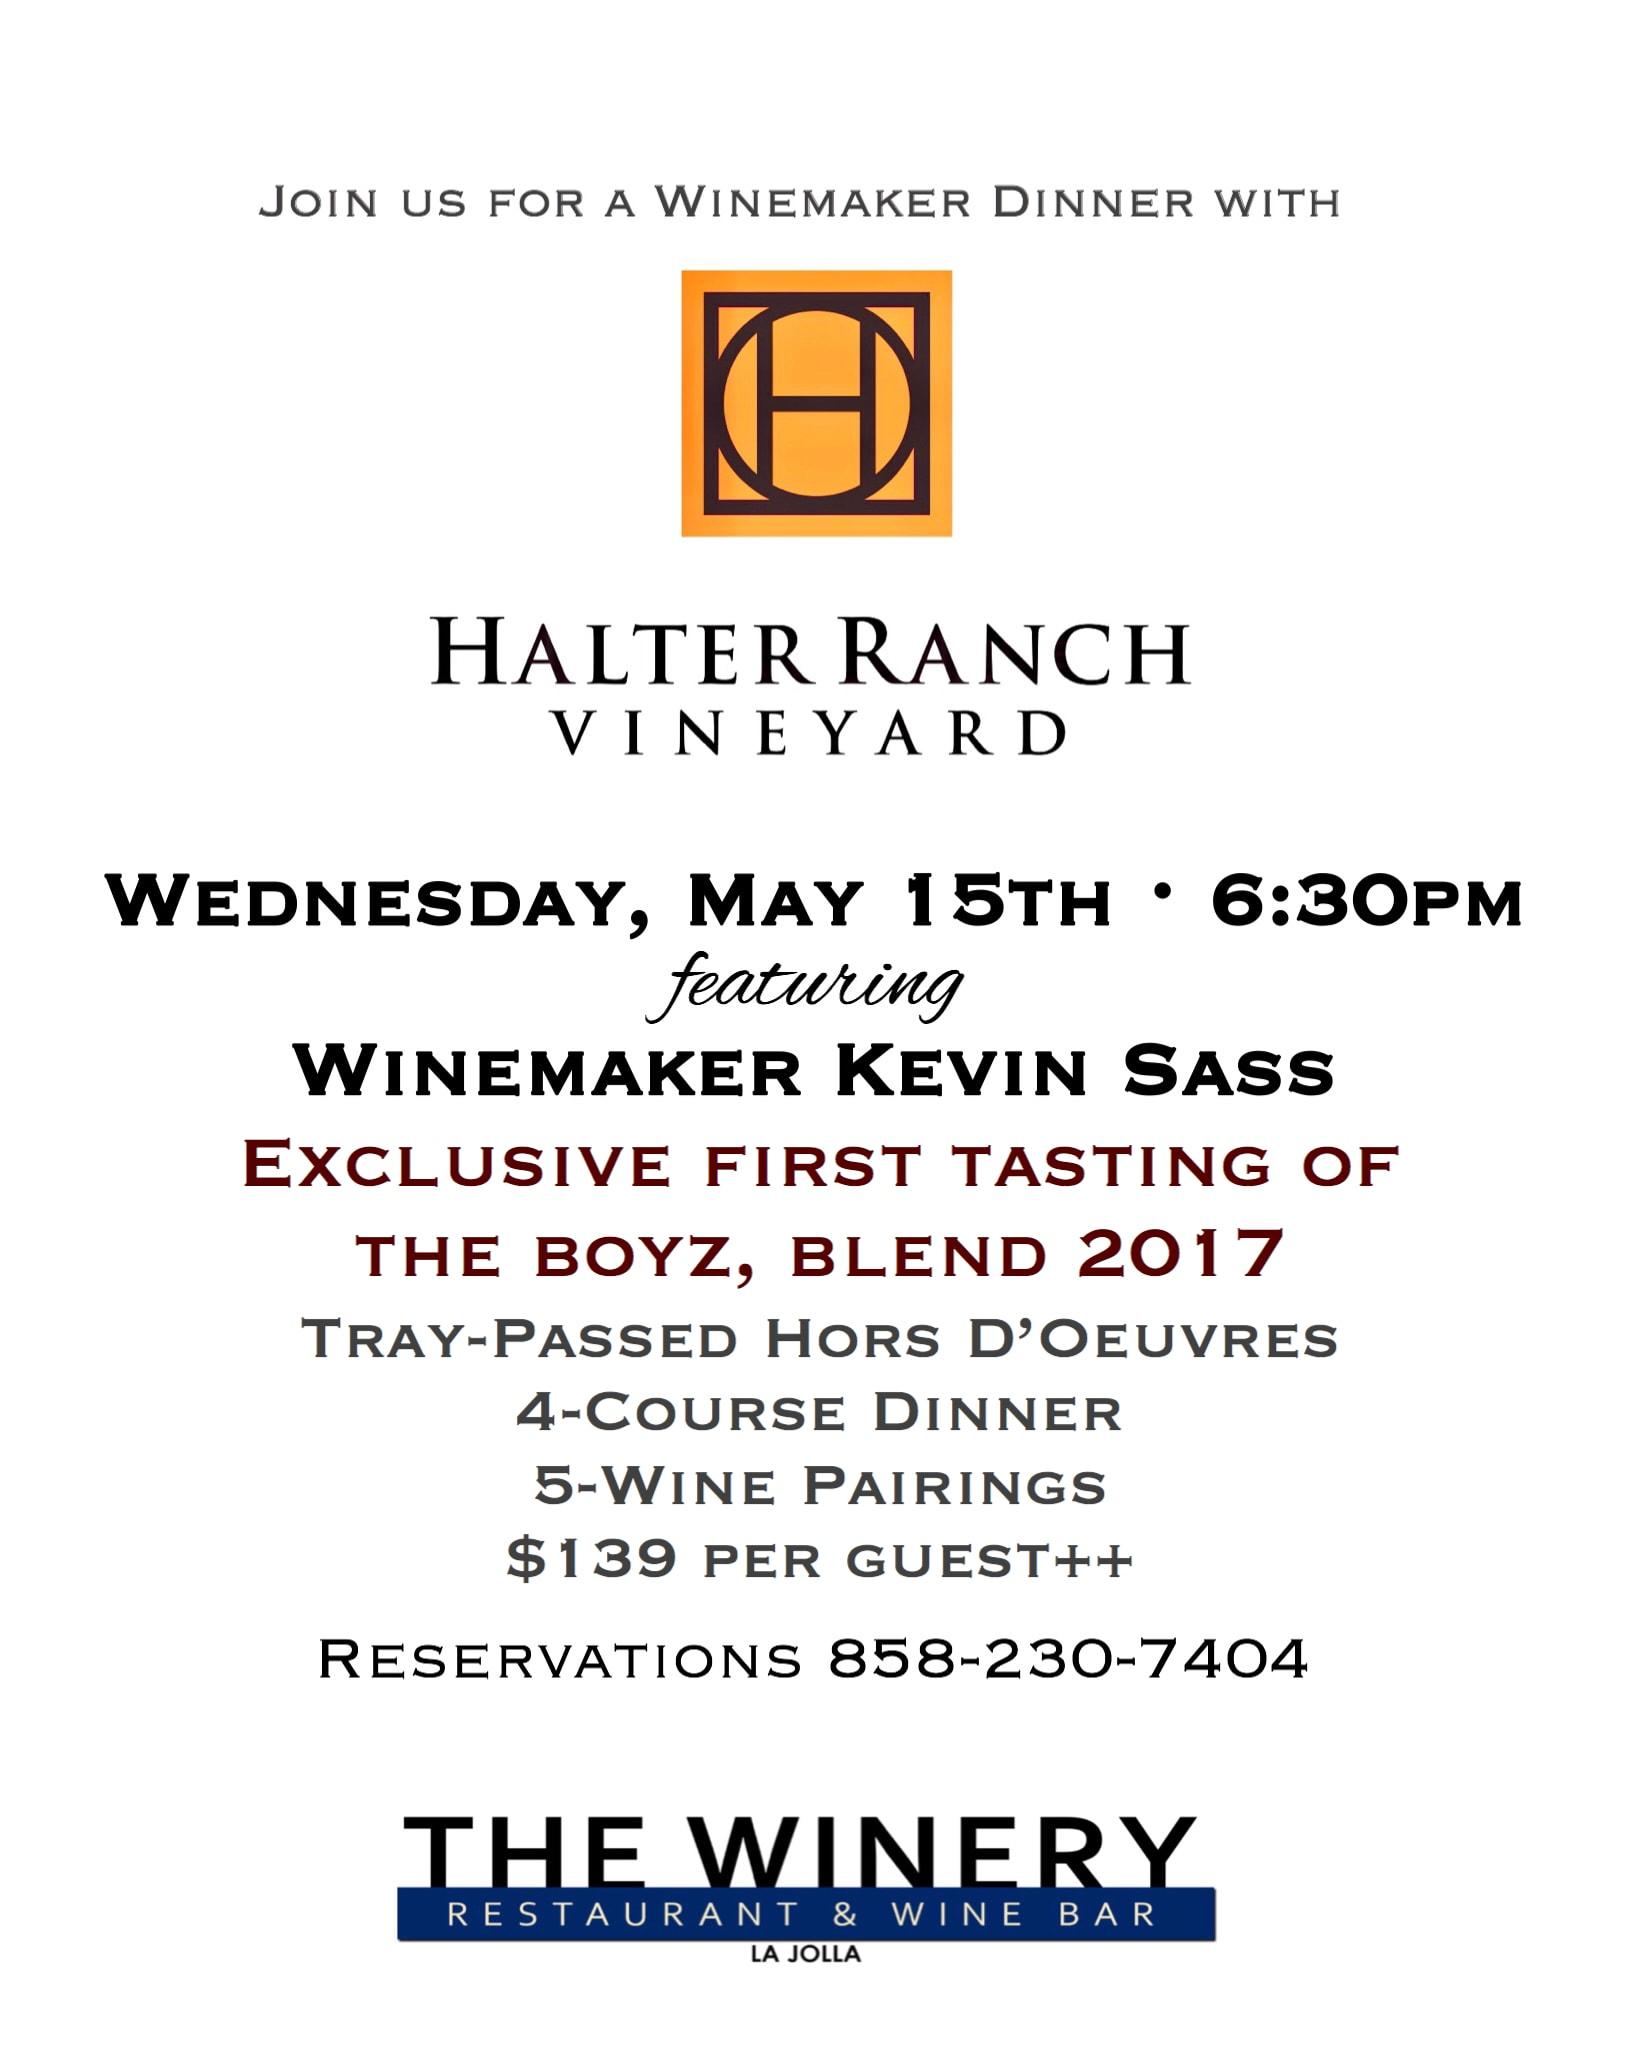 Halter Ranch Vineyard Dinner - Details Below